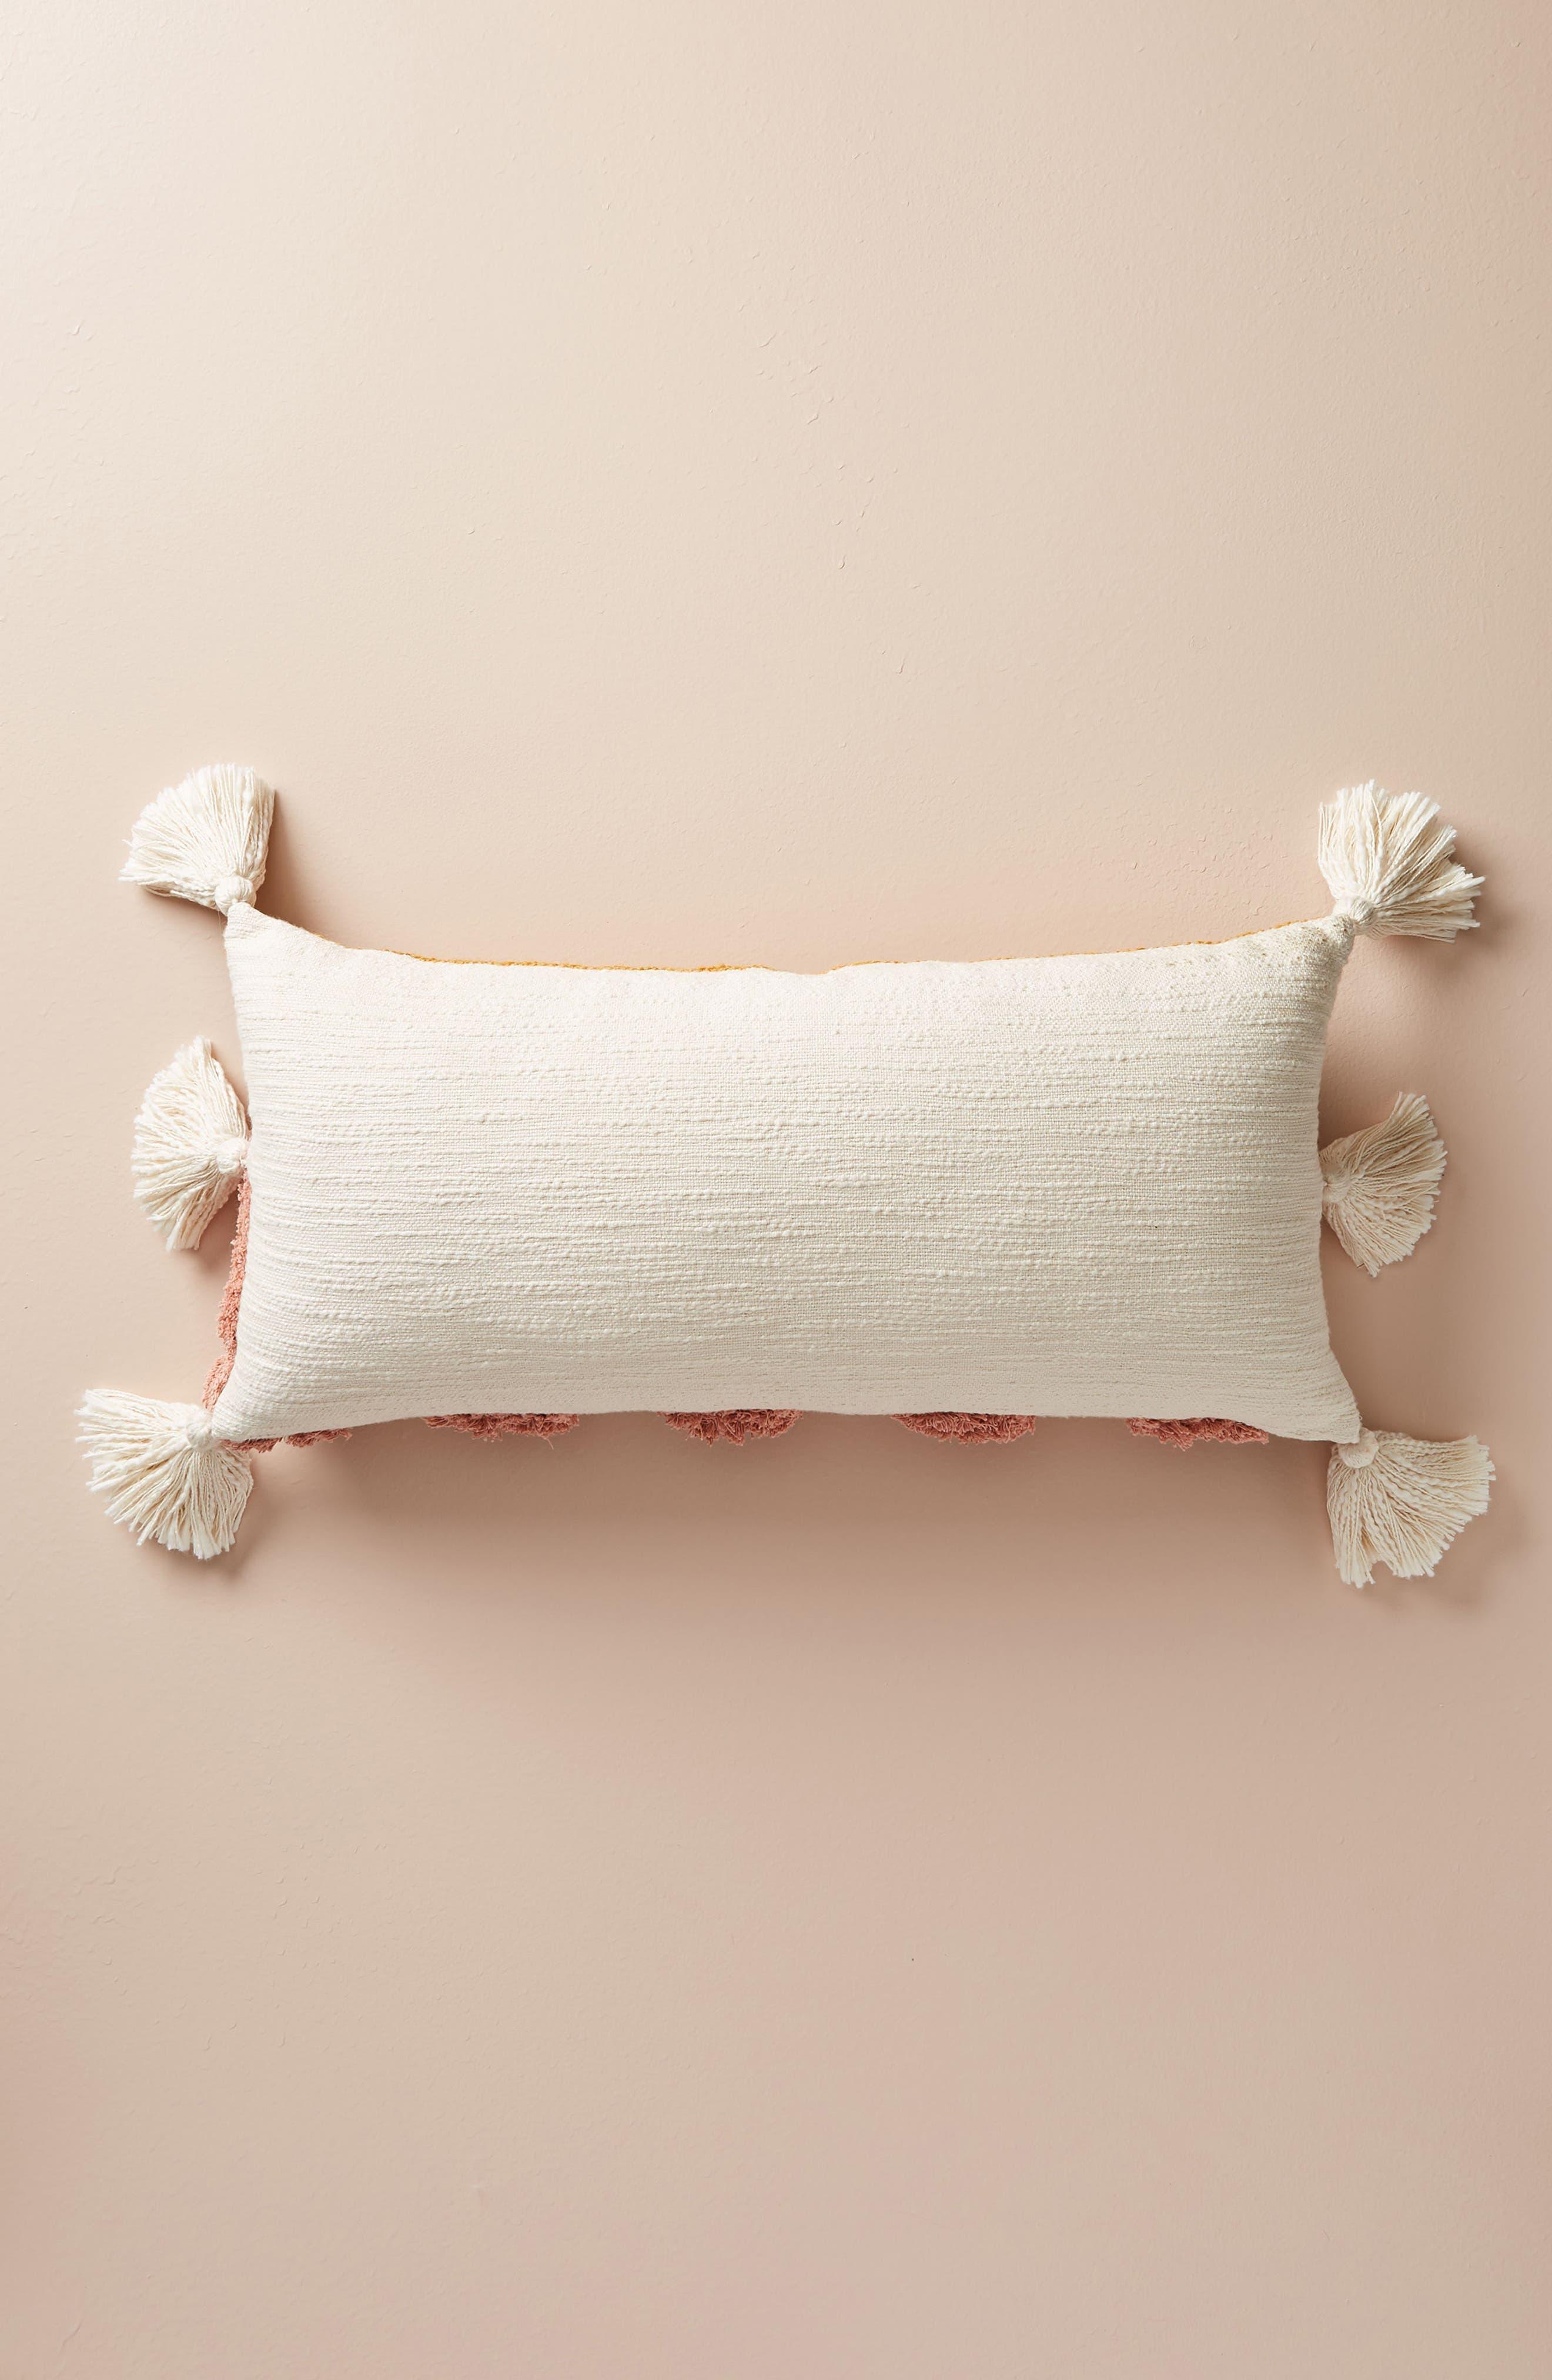 Rayas Lumbar Accent Pillow,                             Alternate thumbnail 2, color,